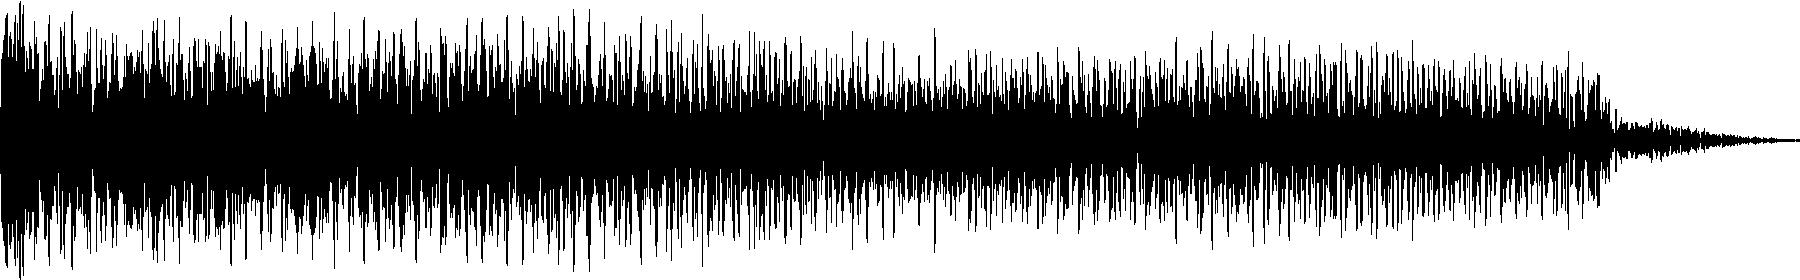 vedh synth cut 070 em7 9